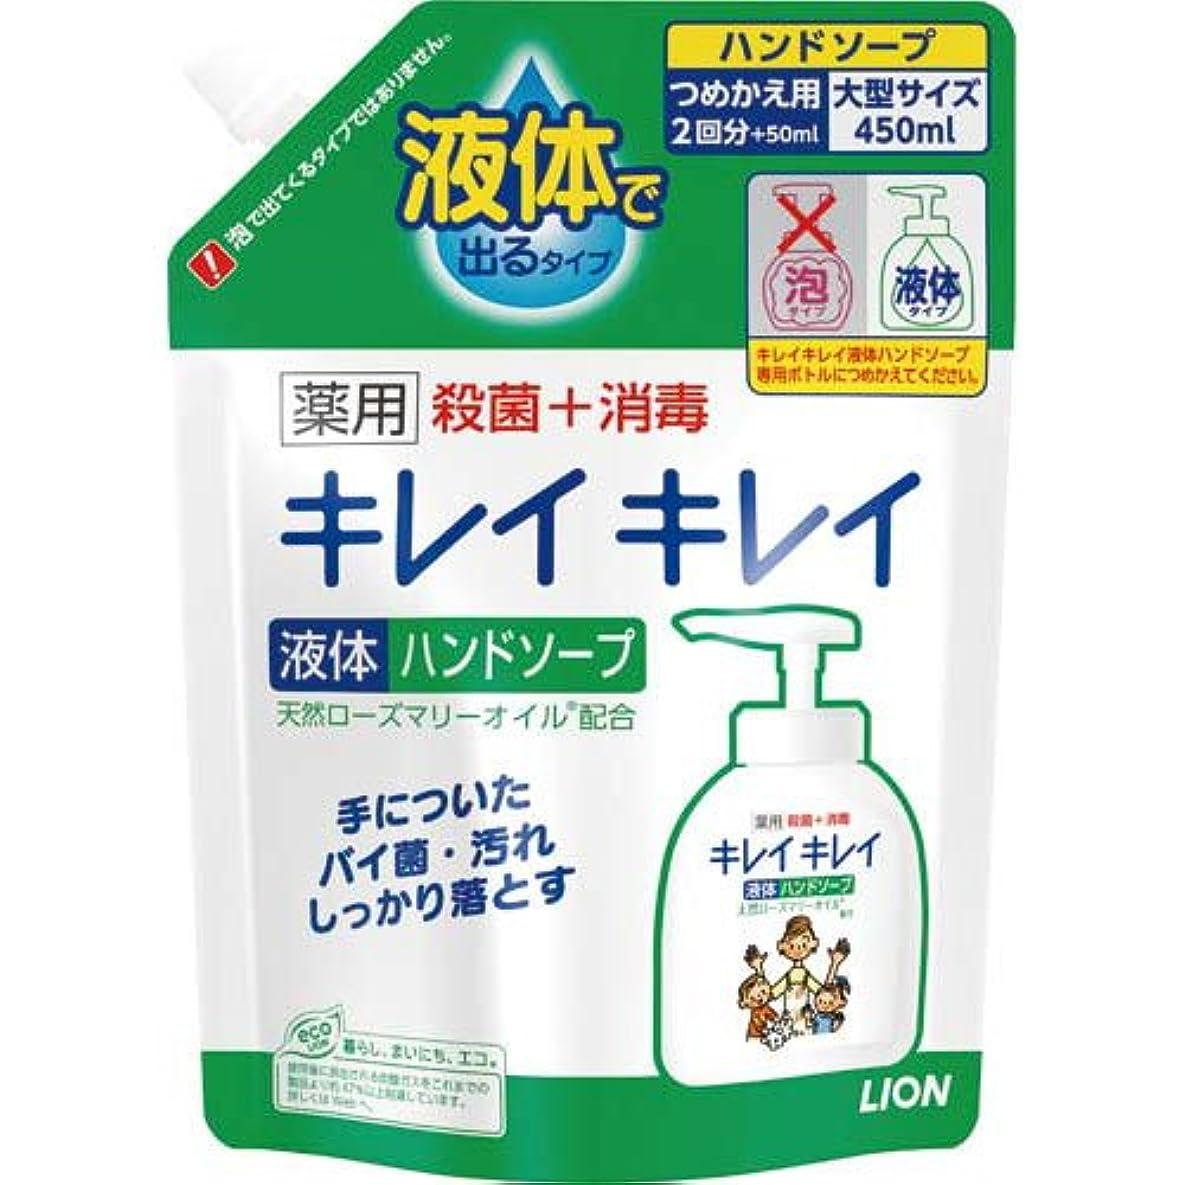 編集者ほうきブートライオン キレイキレイ薬用ハンドソープ 詰替用450ml×4